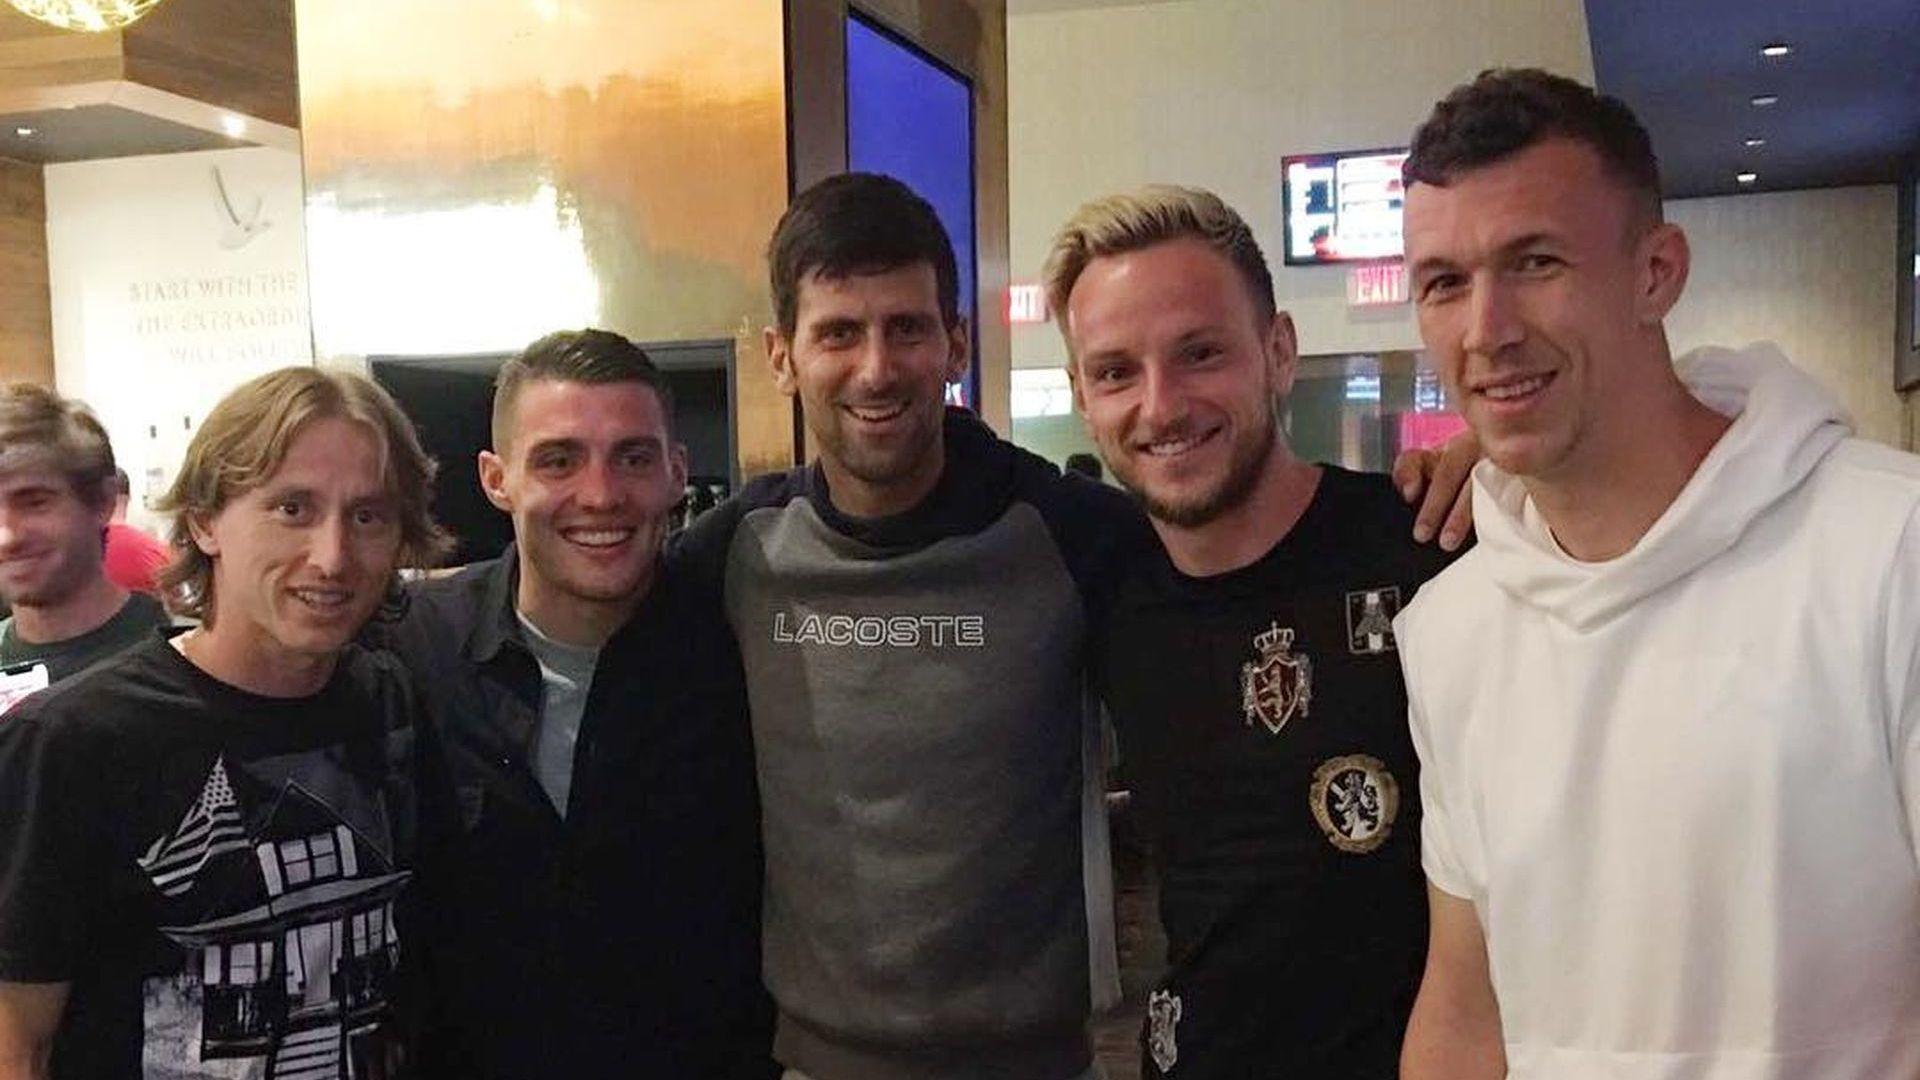 Скандали в Белград: Как така Ноле Джокович подкрепя хърватите!?